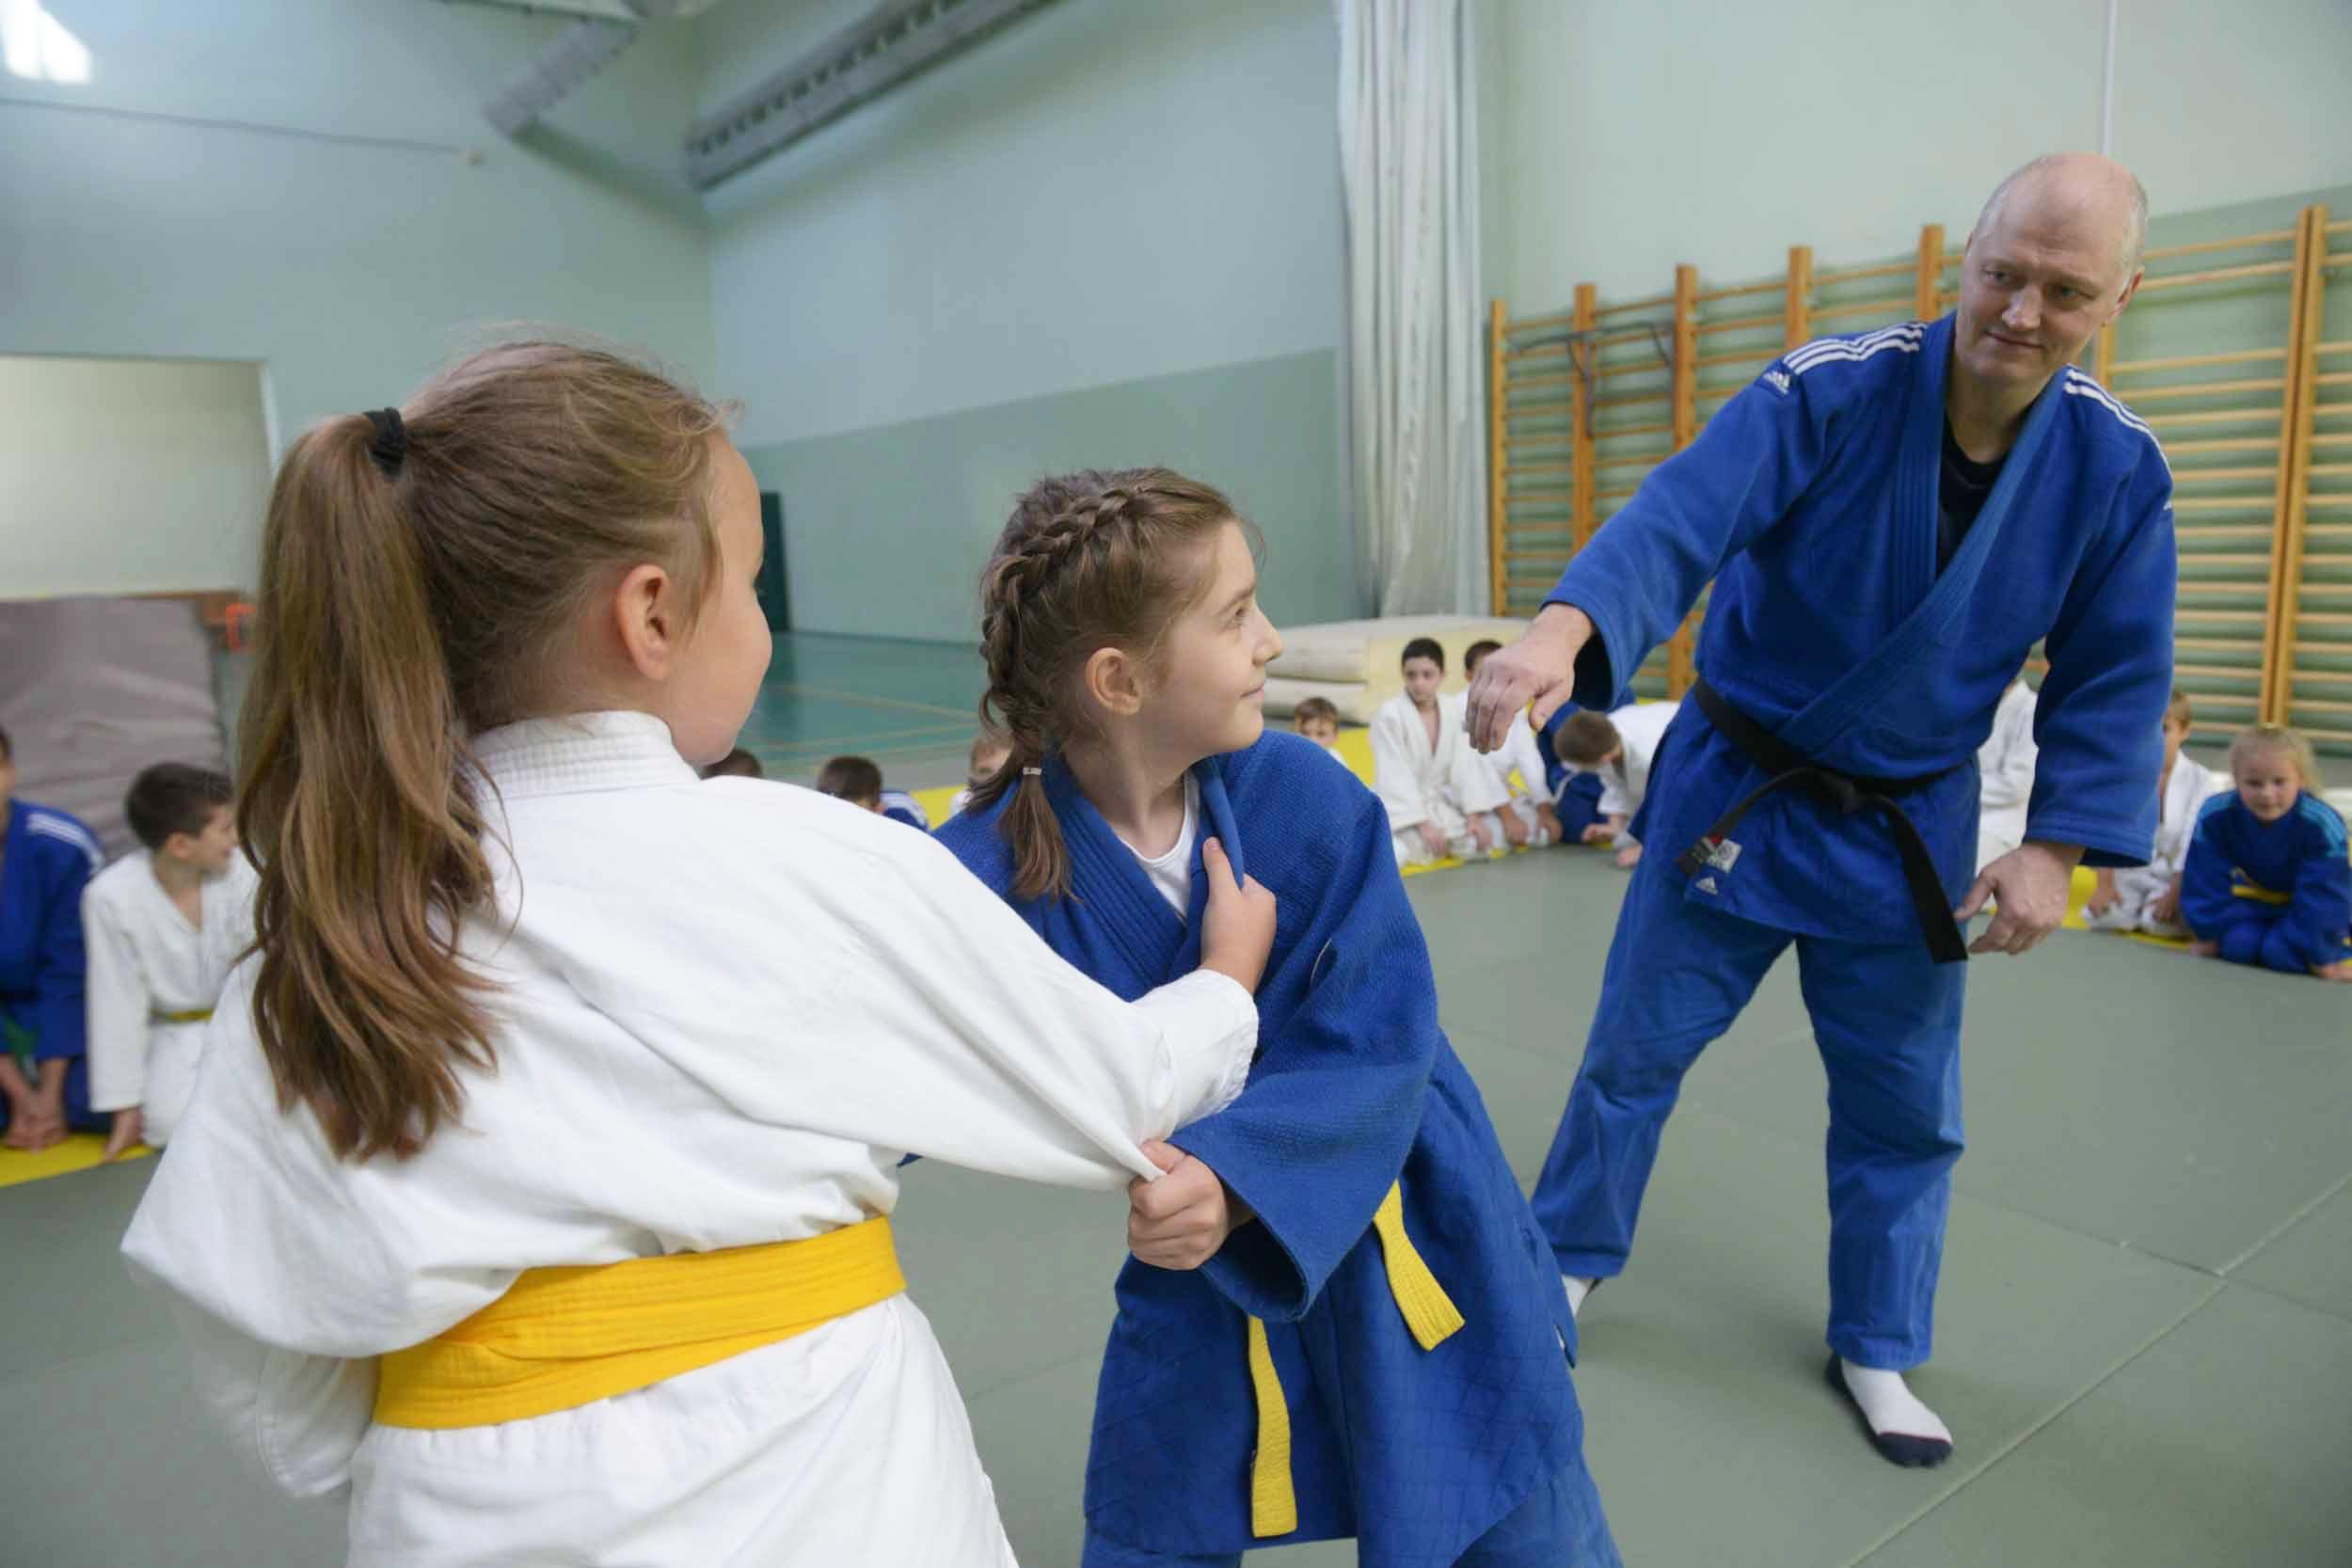 Сайт мэра Москвы упростил запись детей на спортивное тестирование